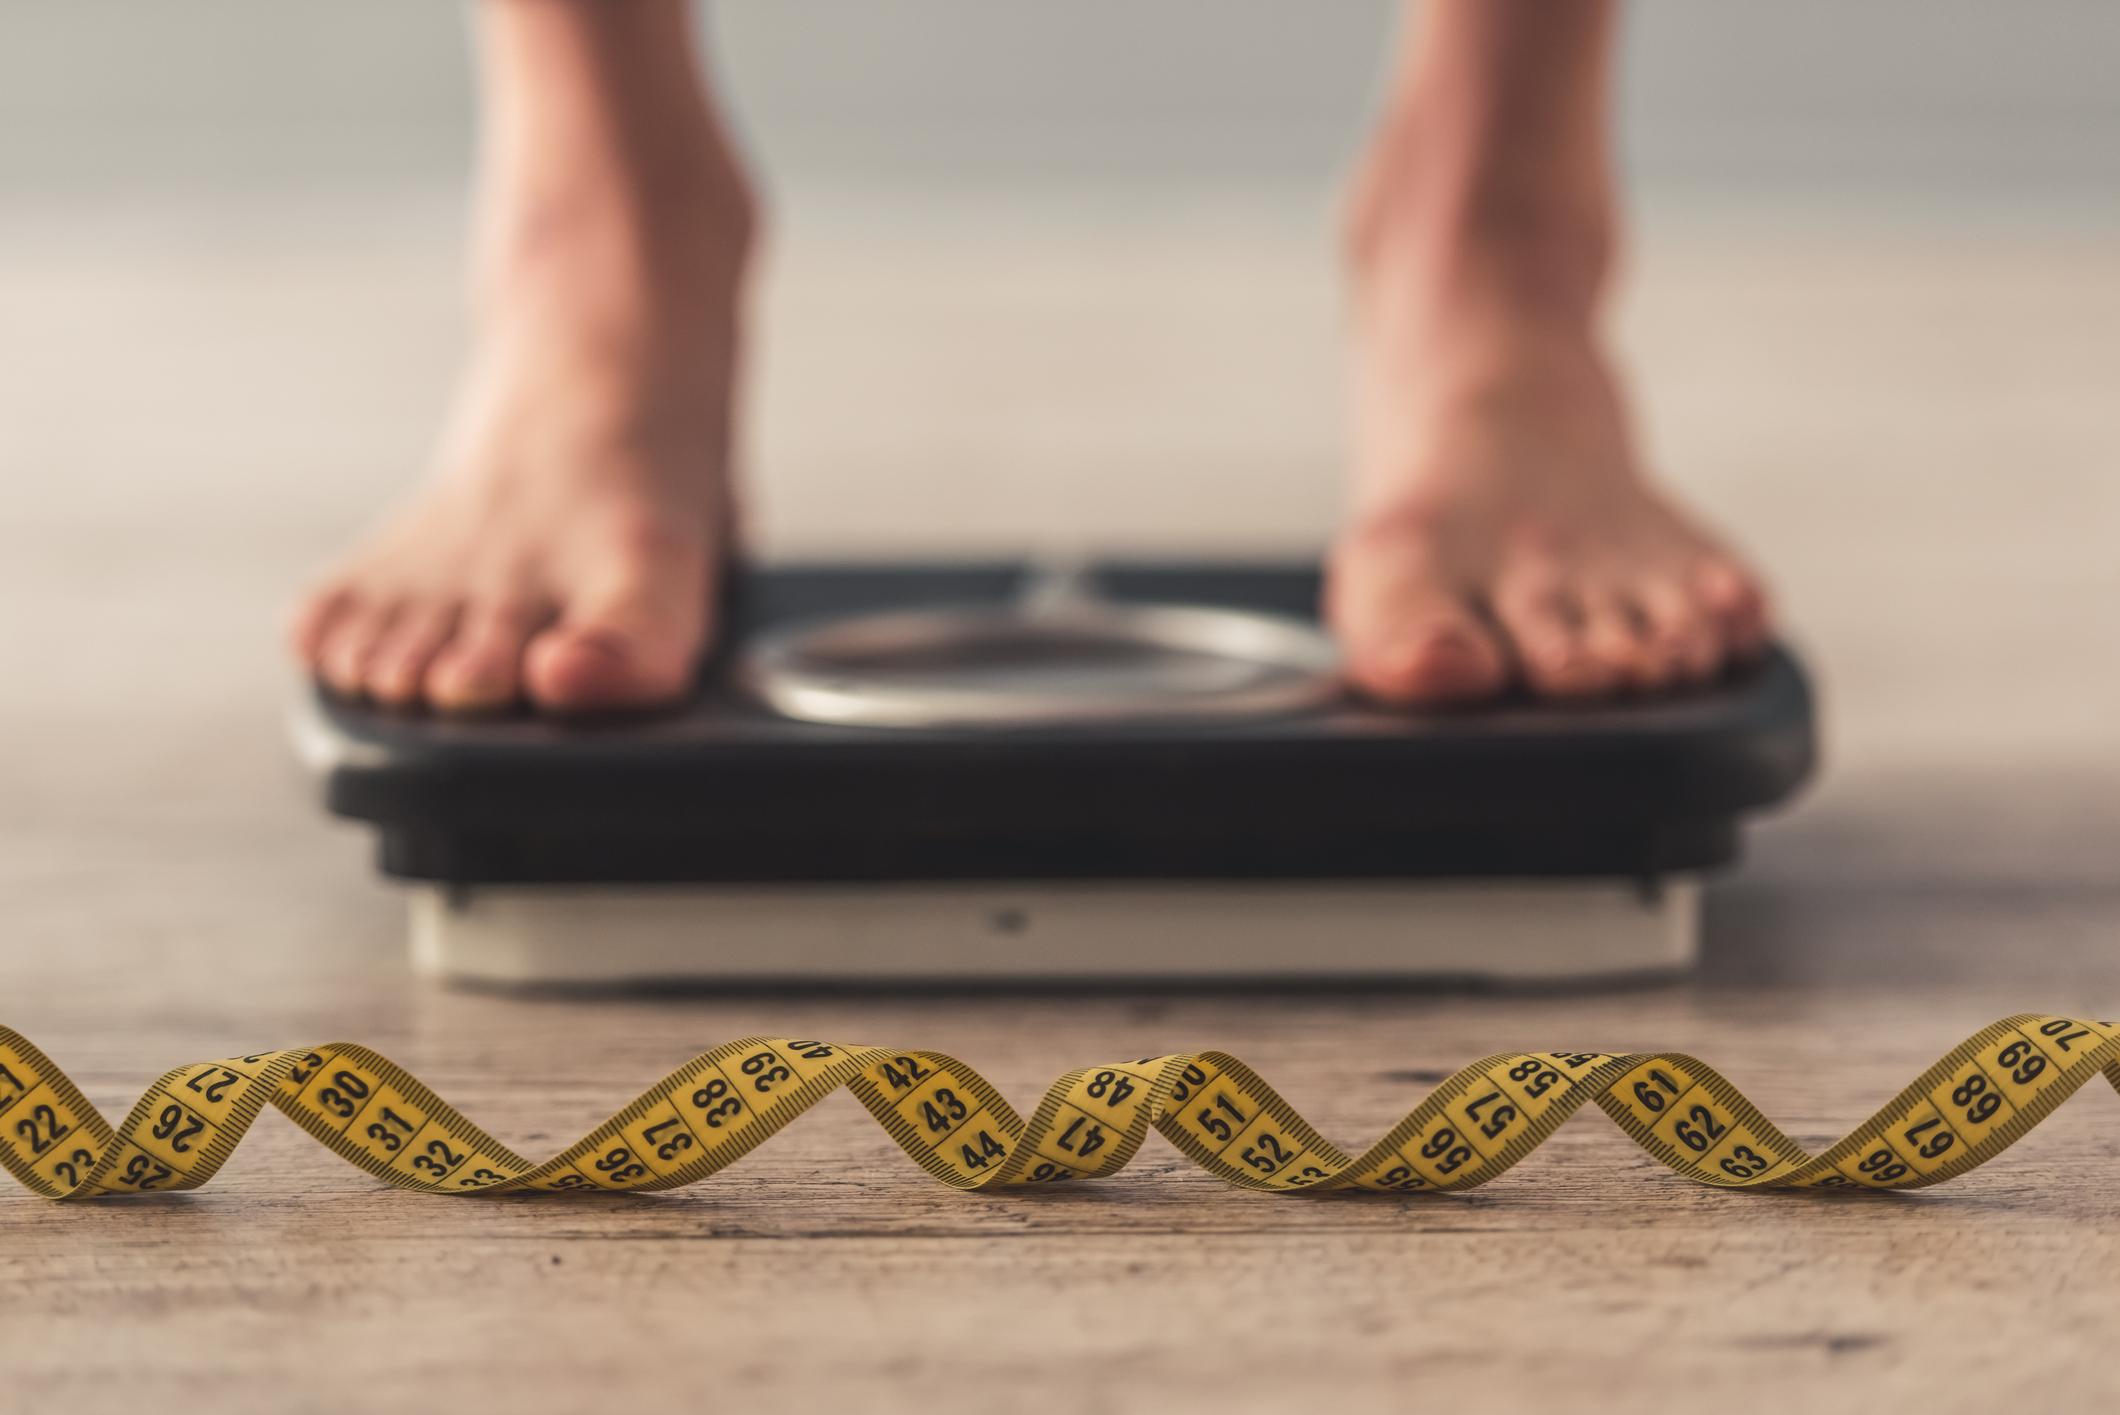 pierdere în greutate aptiva